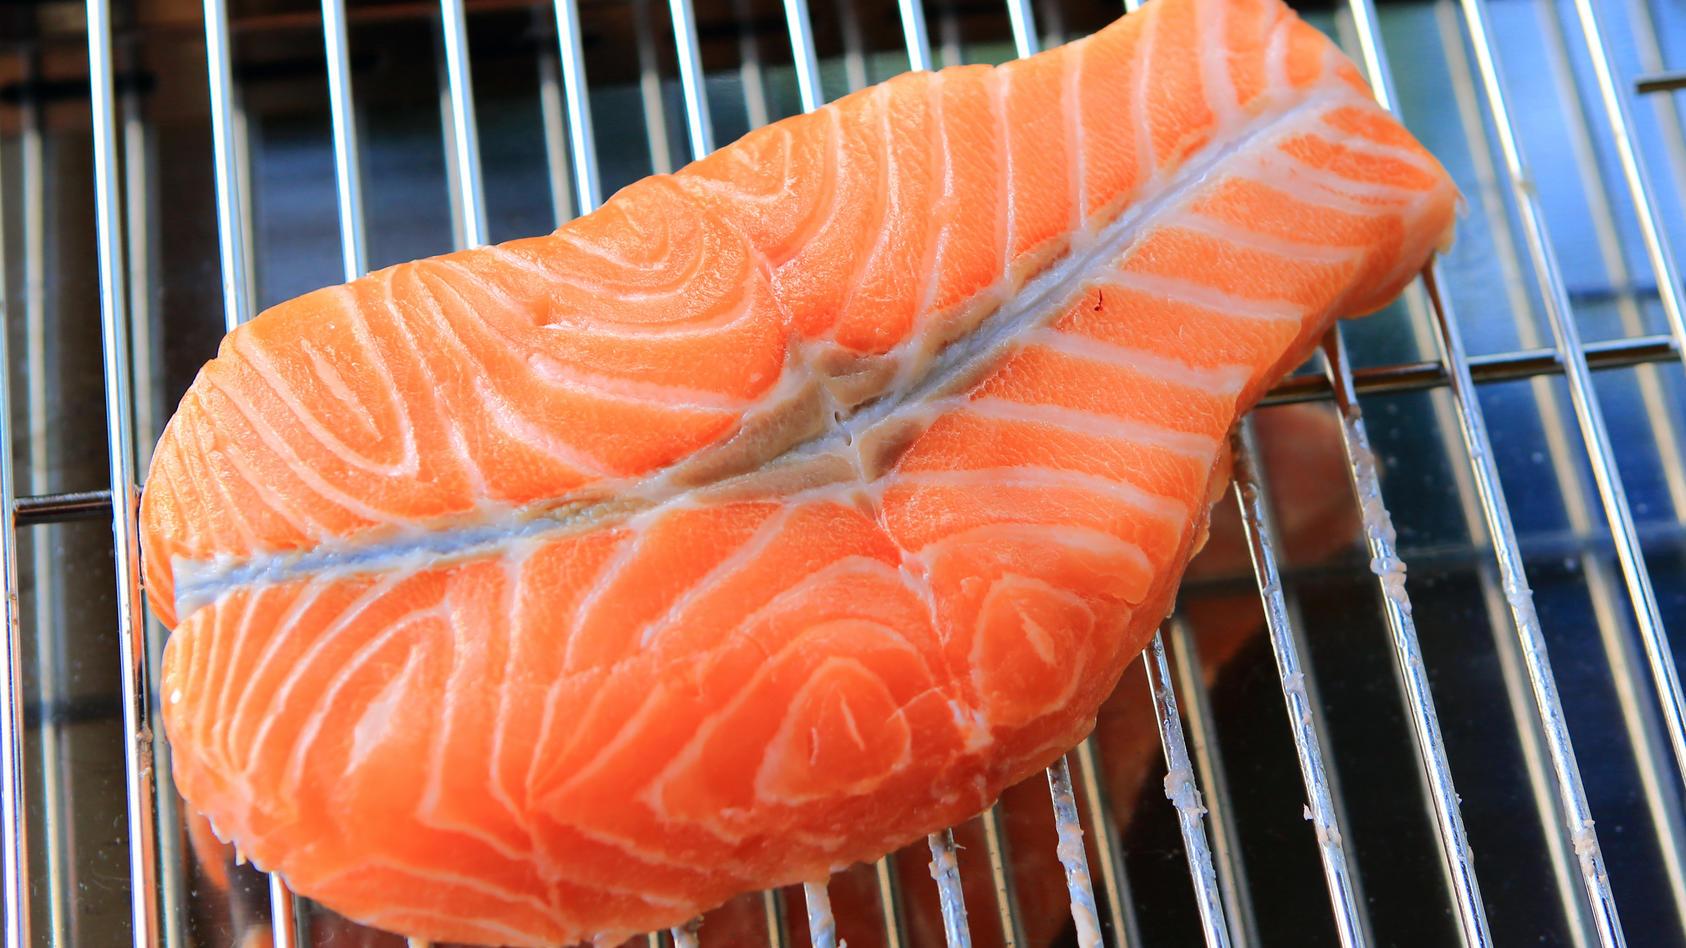 Ein Stück roher Lachs liegt auf einem Elektro-Grill. Lachs gehört heute zu den am meisten geschätzten Speisefischen. Sein orangerosa bis dunkelrotes Fleisch ist reich an Omega-3-Fettsäuren.